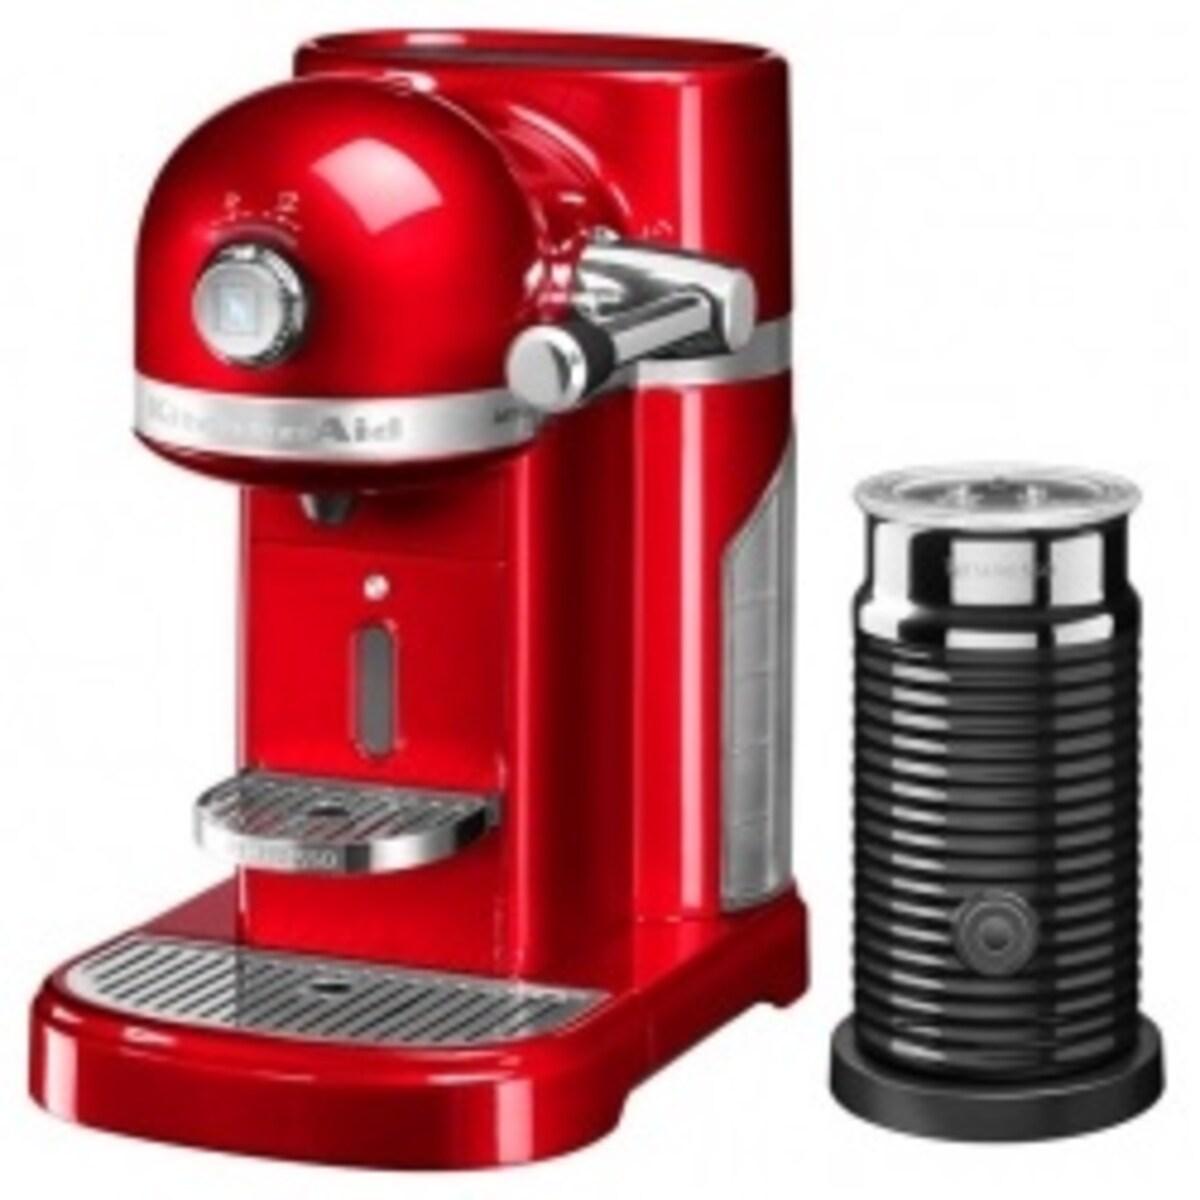 Nespresso Kitchen Aid Candy Apple Red със система за мляко кафемашина